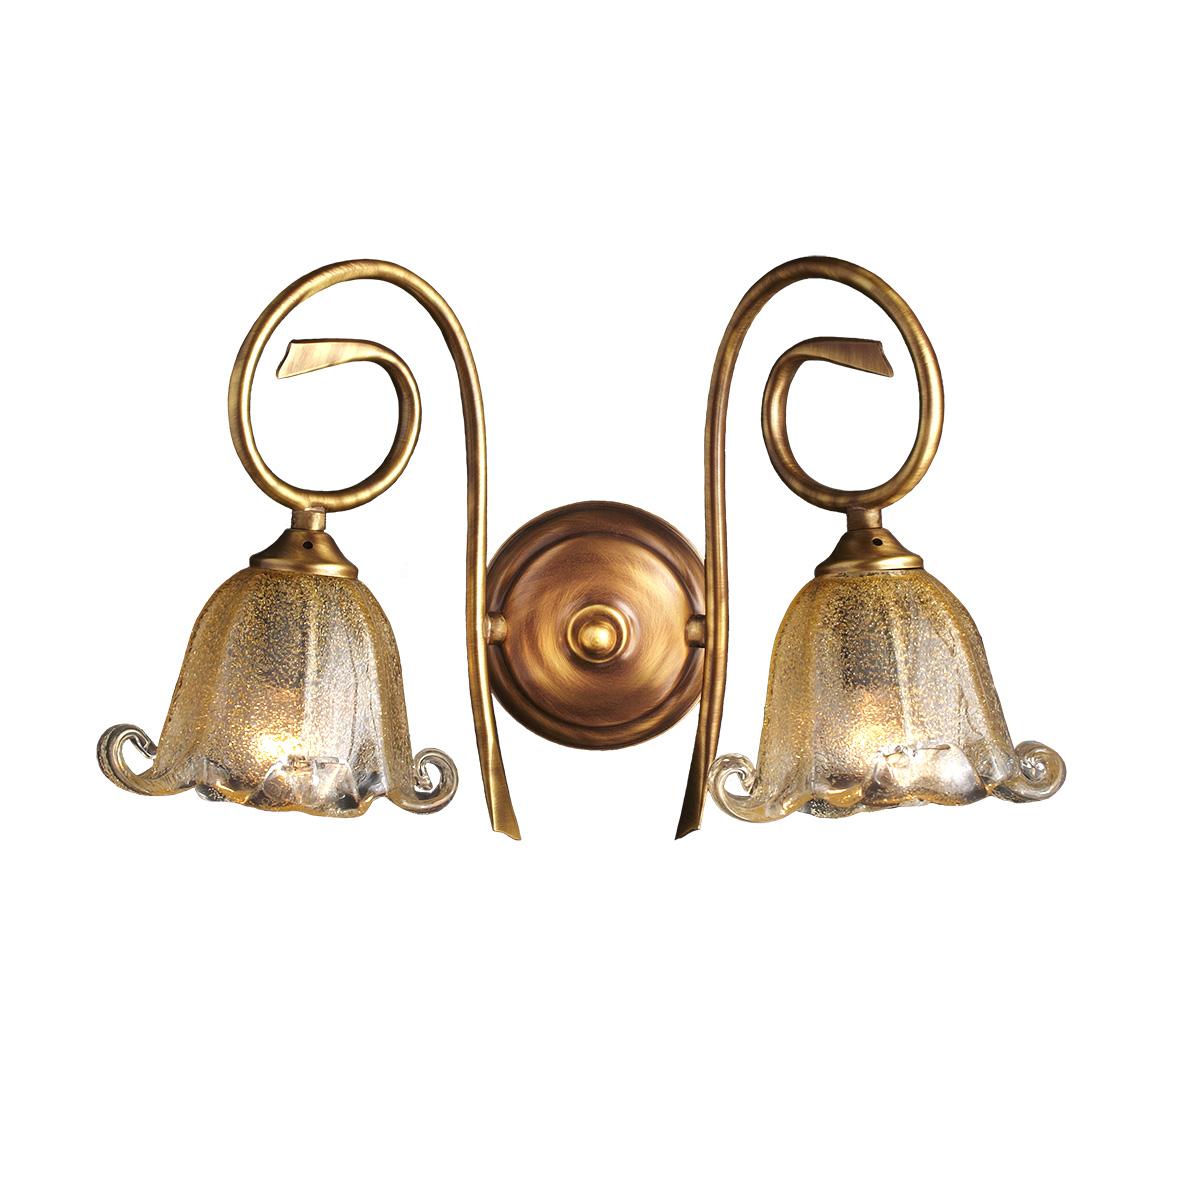 Κλασική 2φωτη απλίκα ΒΙΚΟΣ classic 2-bulb wall lamp